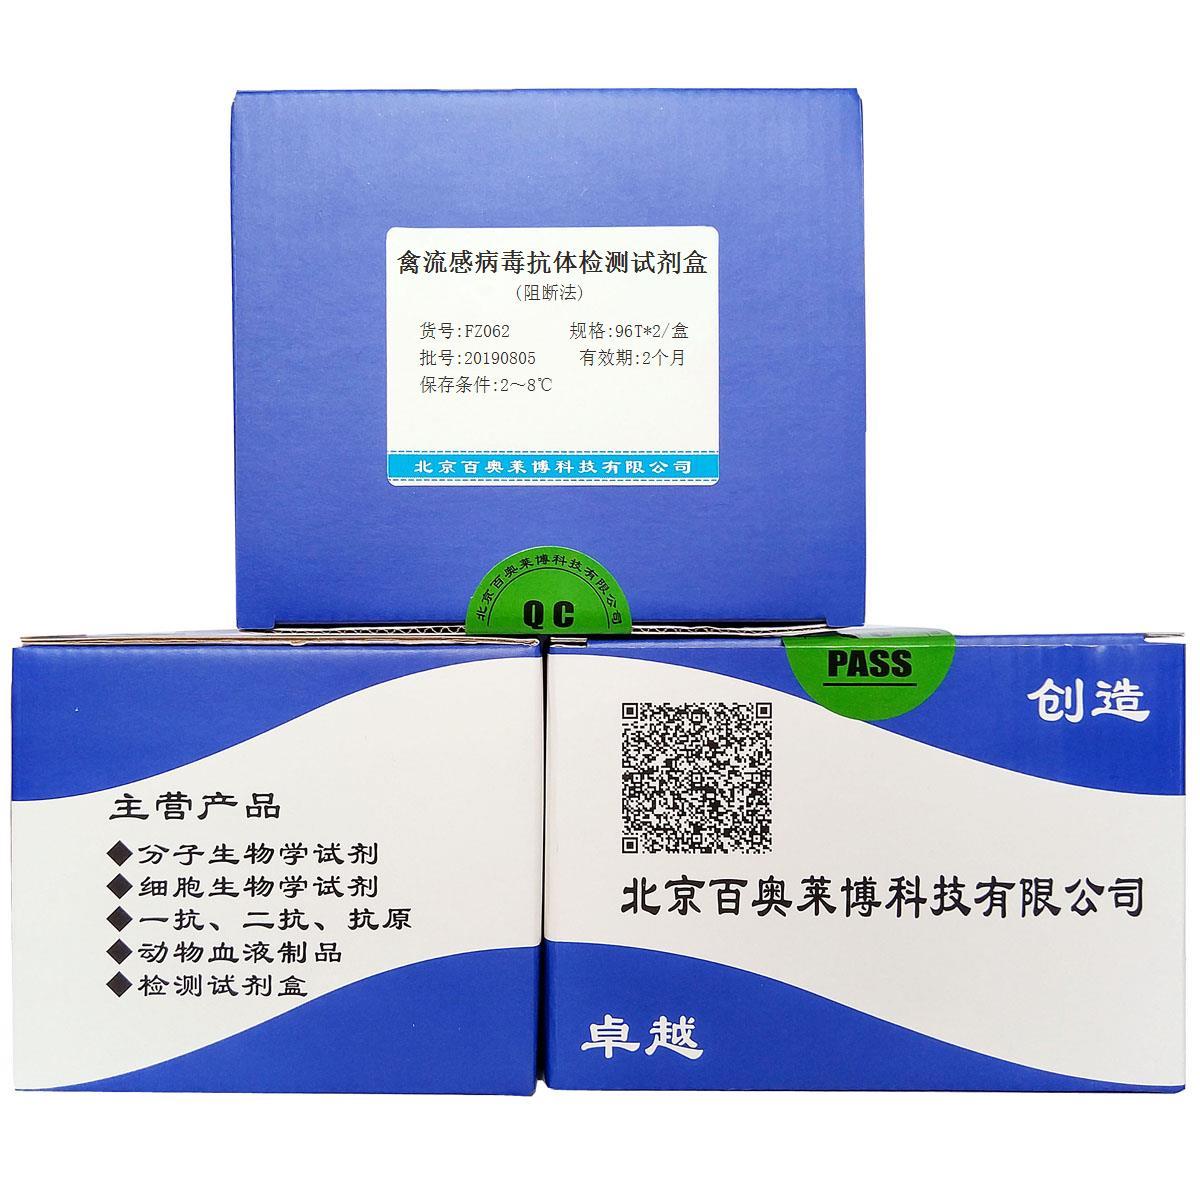 禽流感病毒抗体检测试剂盒(阻断法)北京厂家